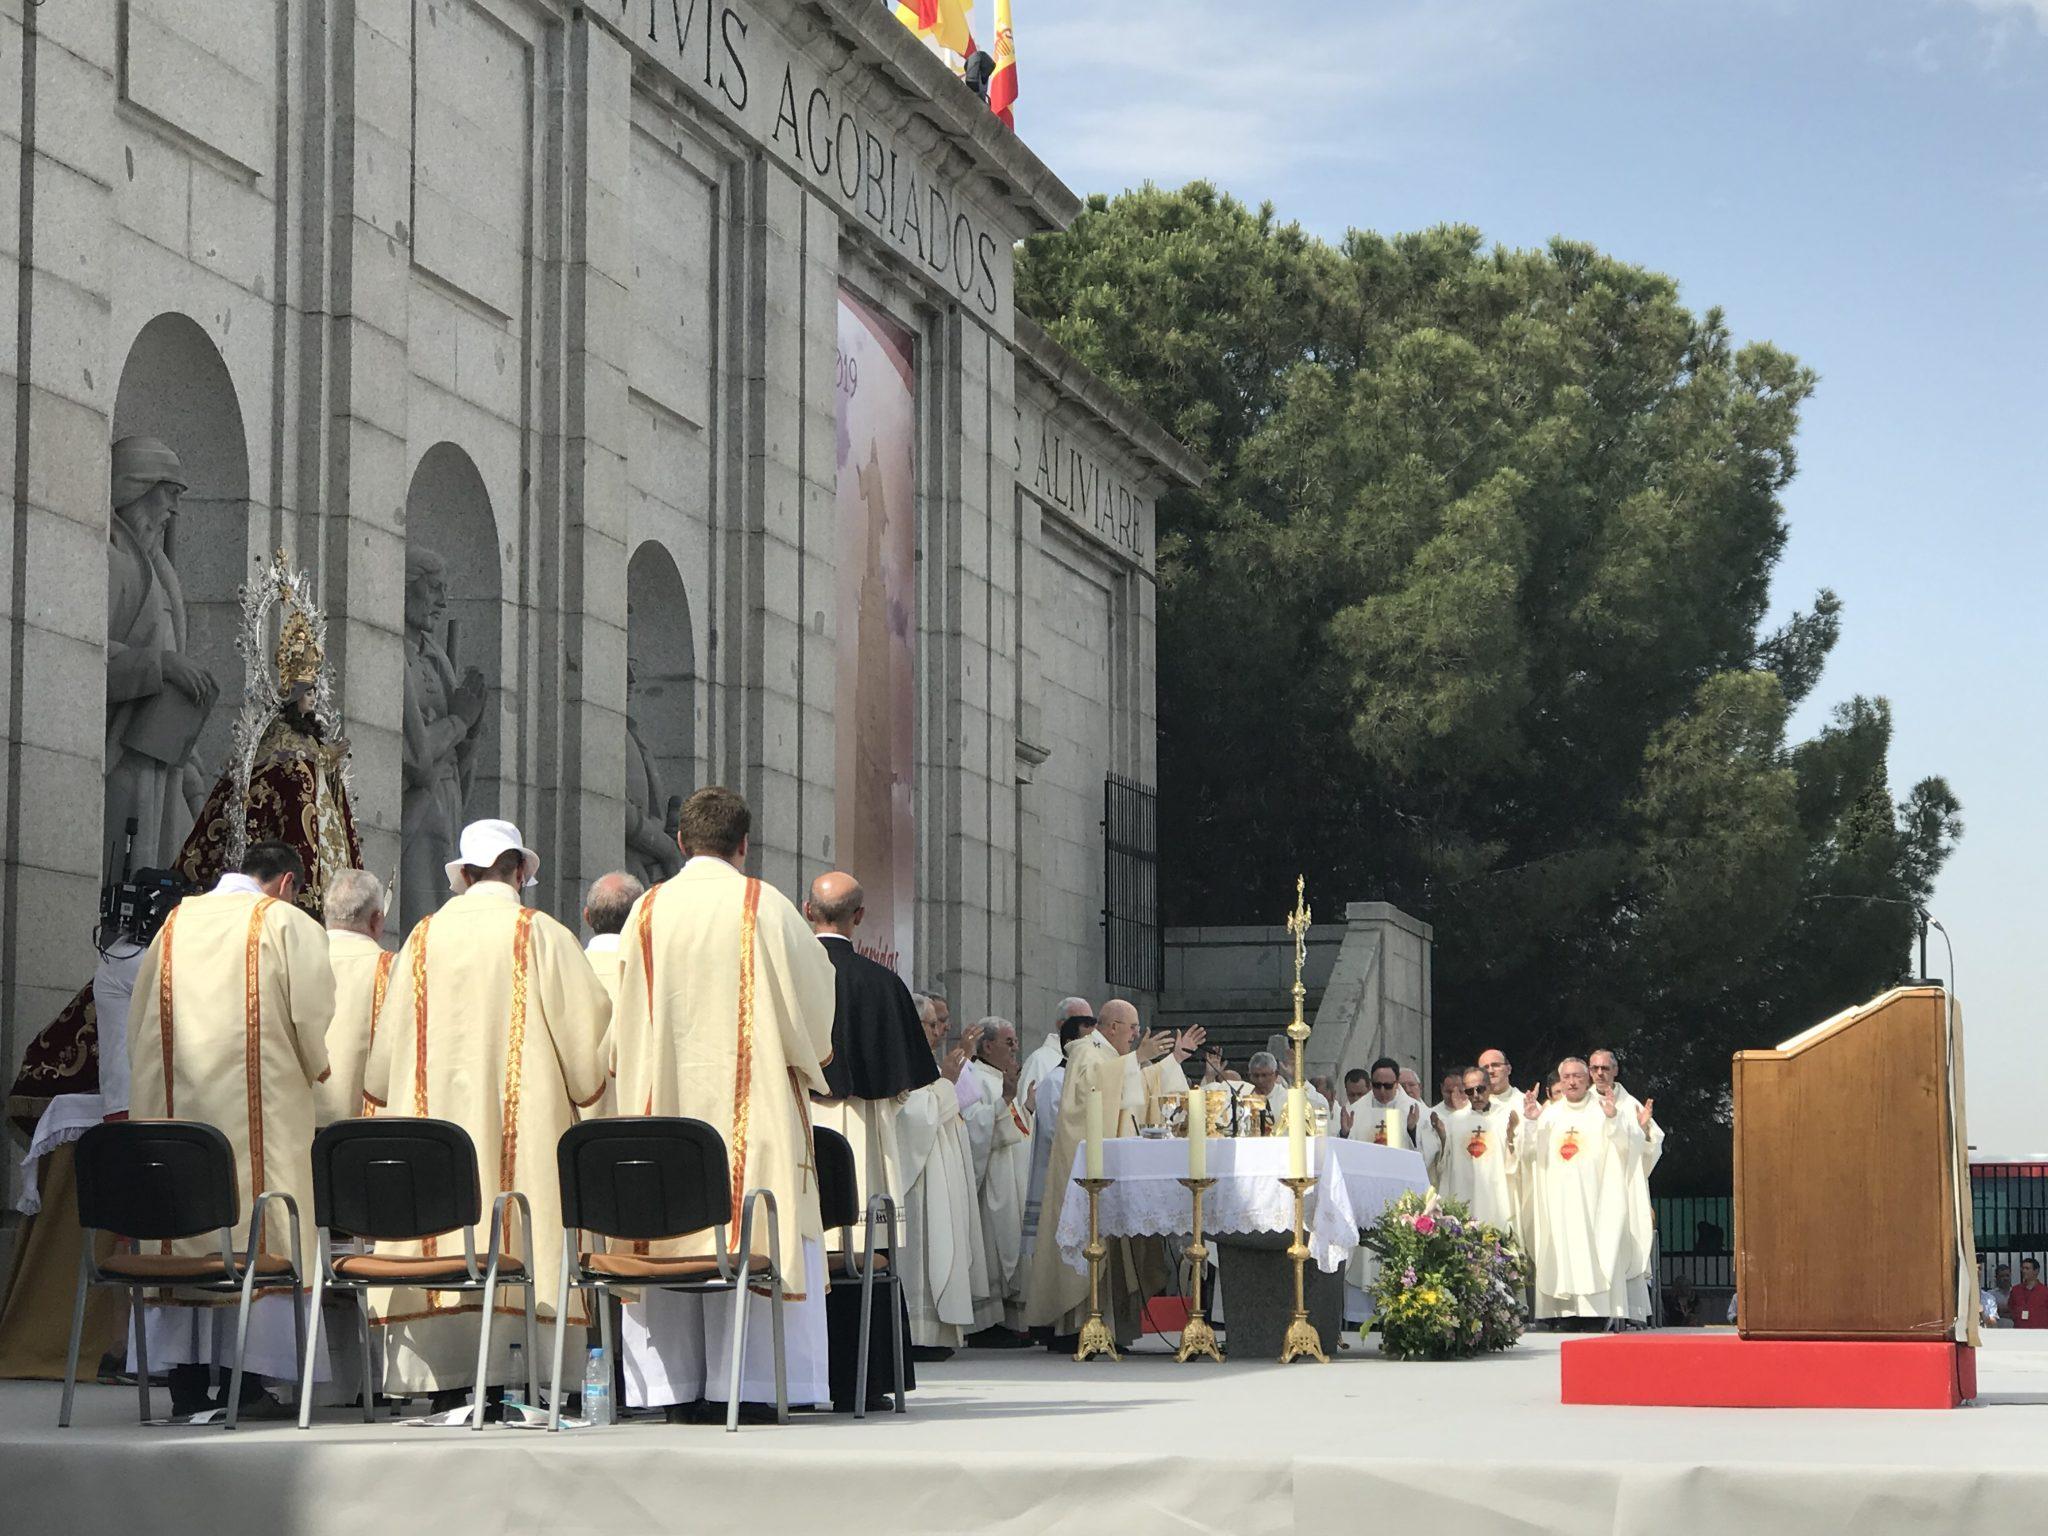 El cardenal Osoro presidió la multitudinaria ceremonia en Getafe